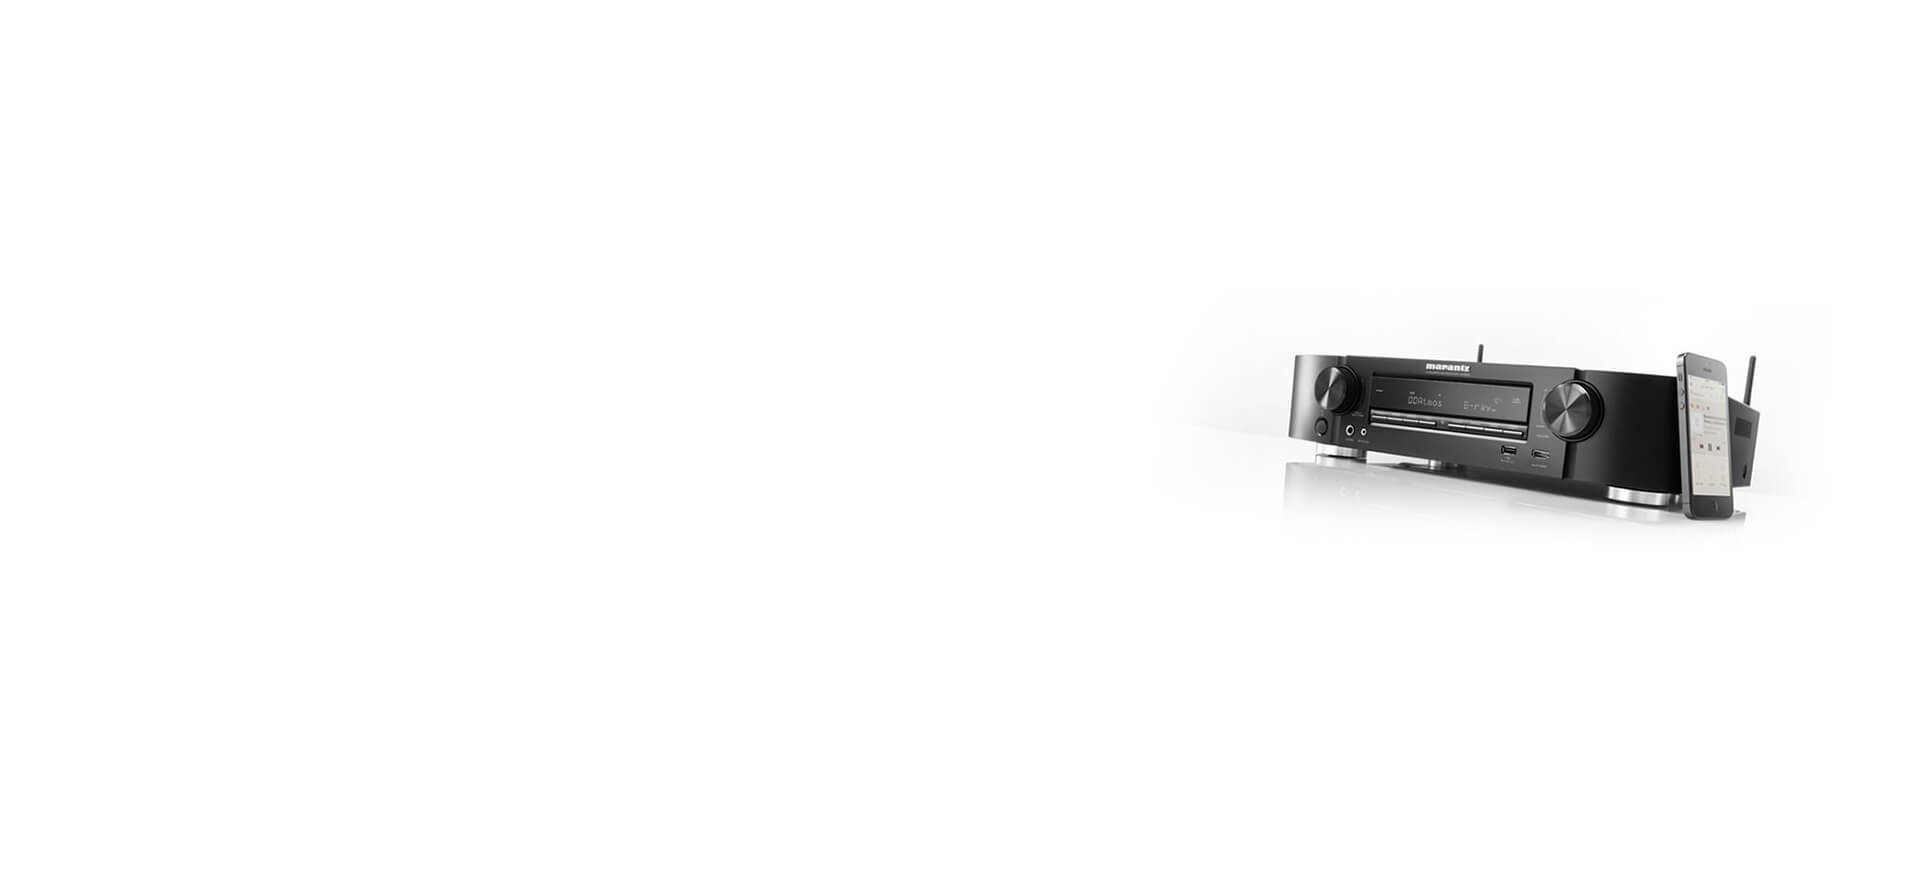 Marantz: Receivers, Amplifiers, Turntables & more | Best Buy